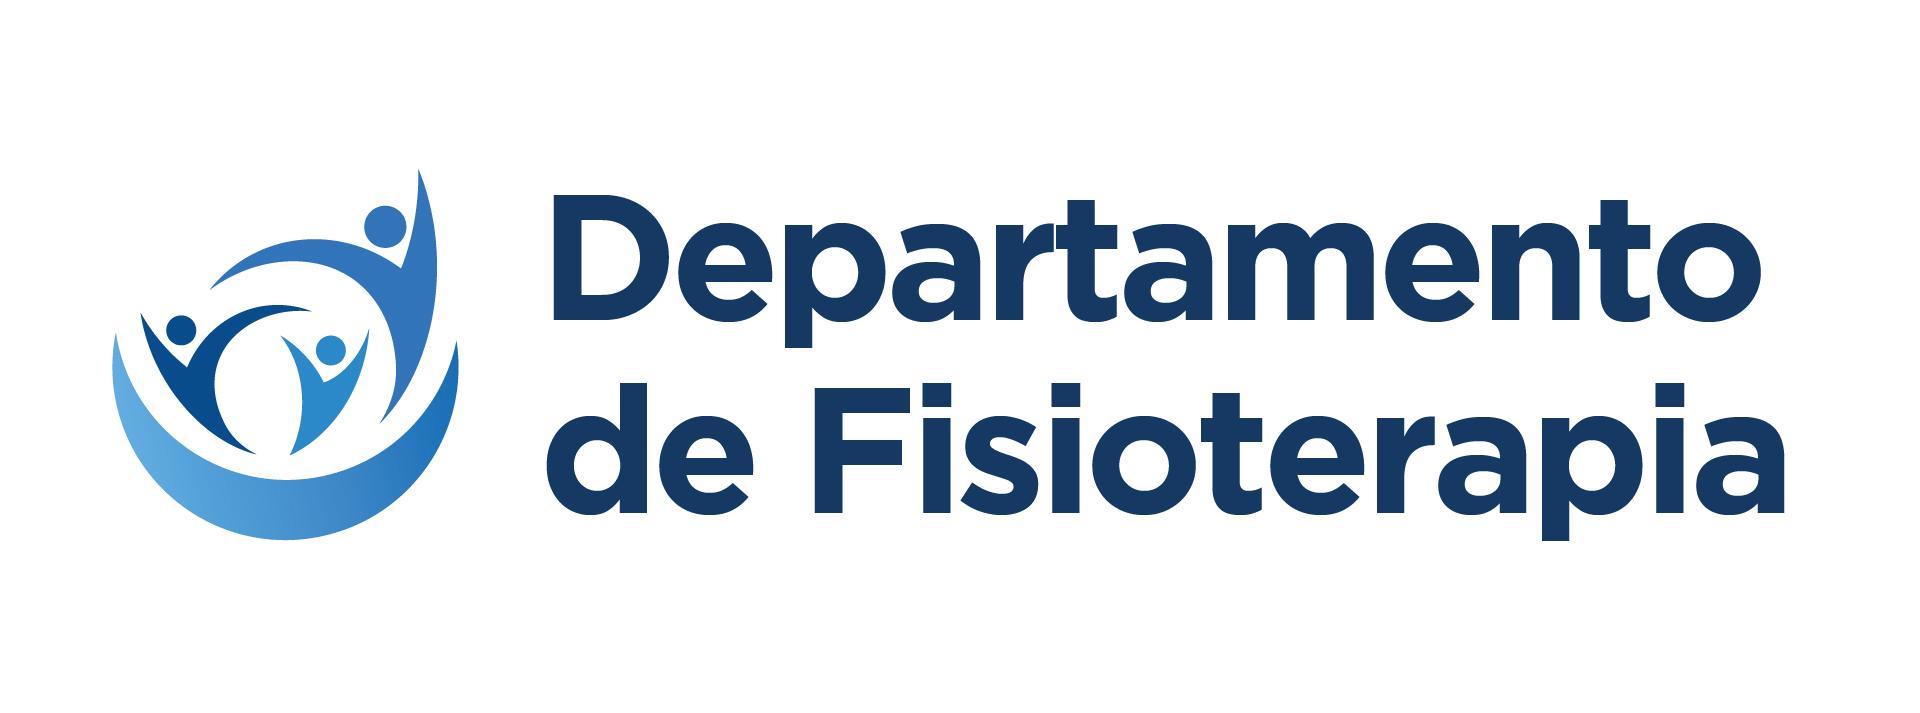 Departamento de Fisioterapia UFRN